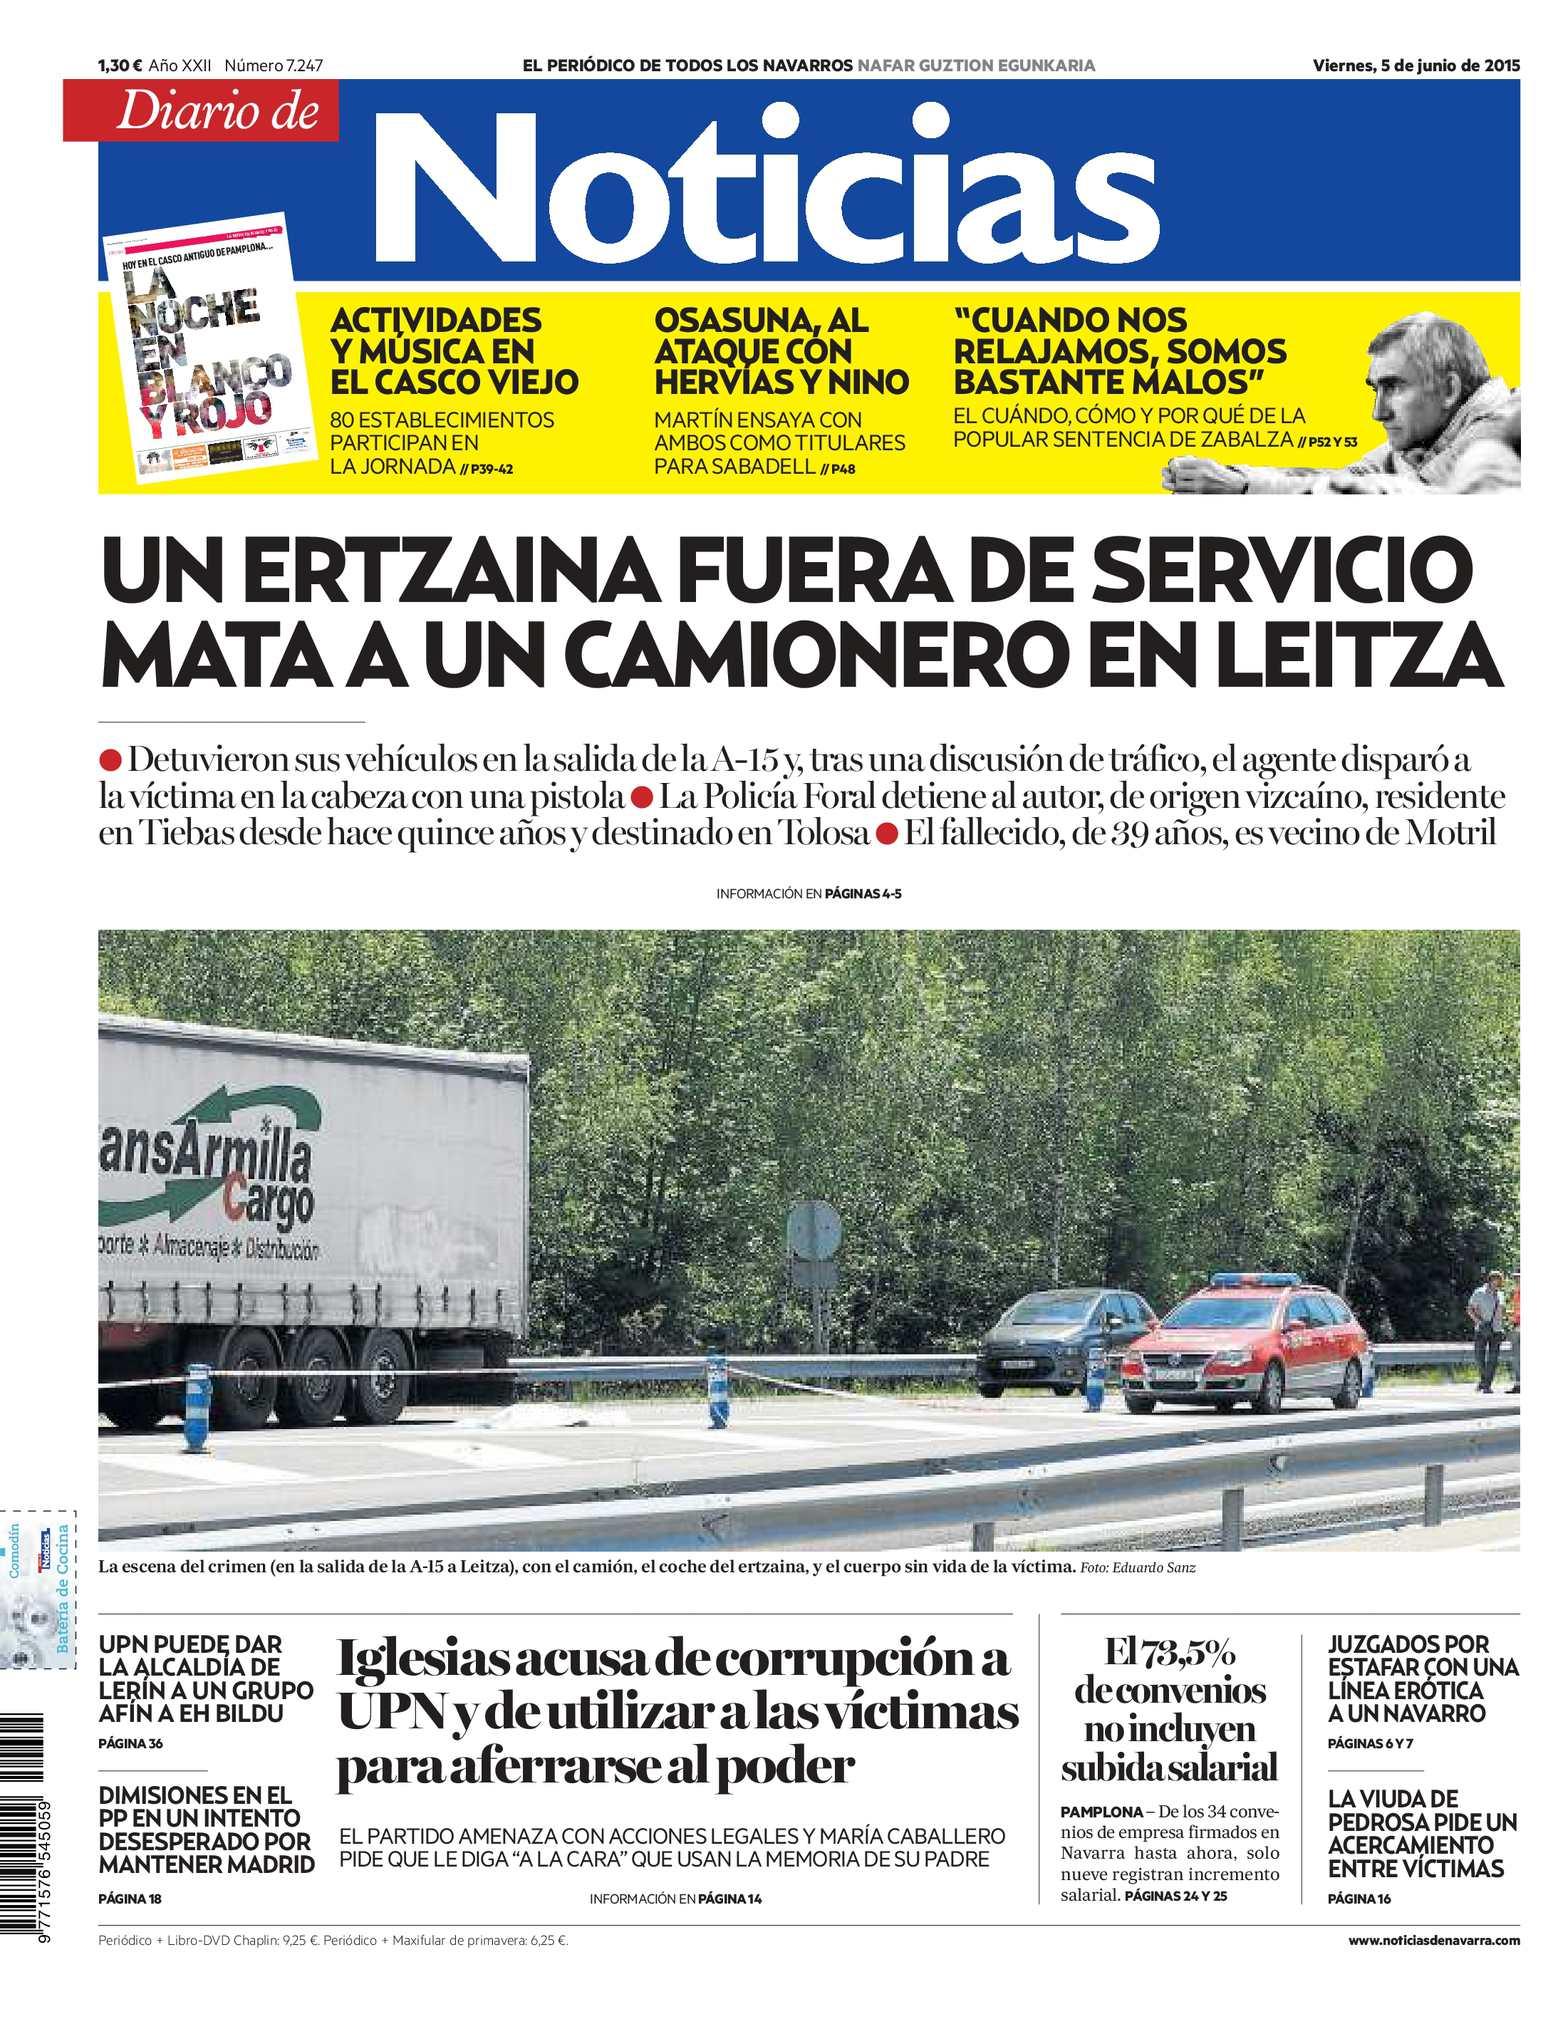 Calaméo - Diario de Noticias 20150605